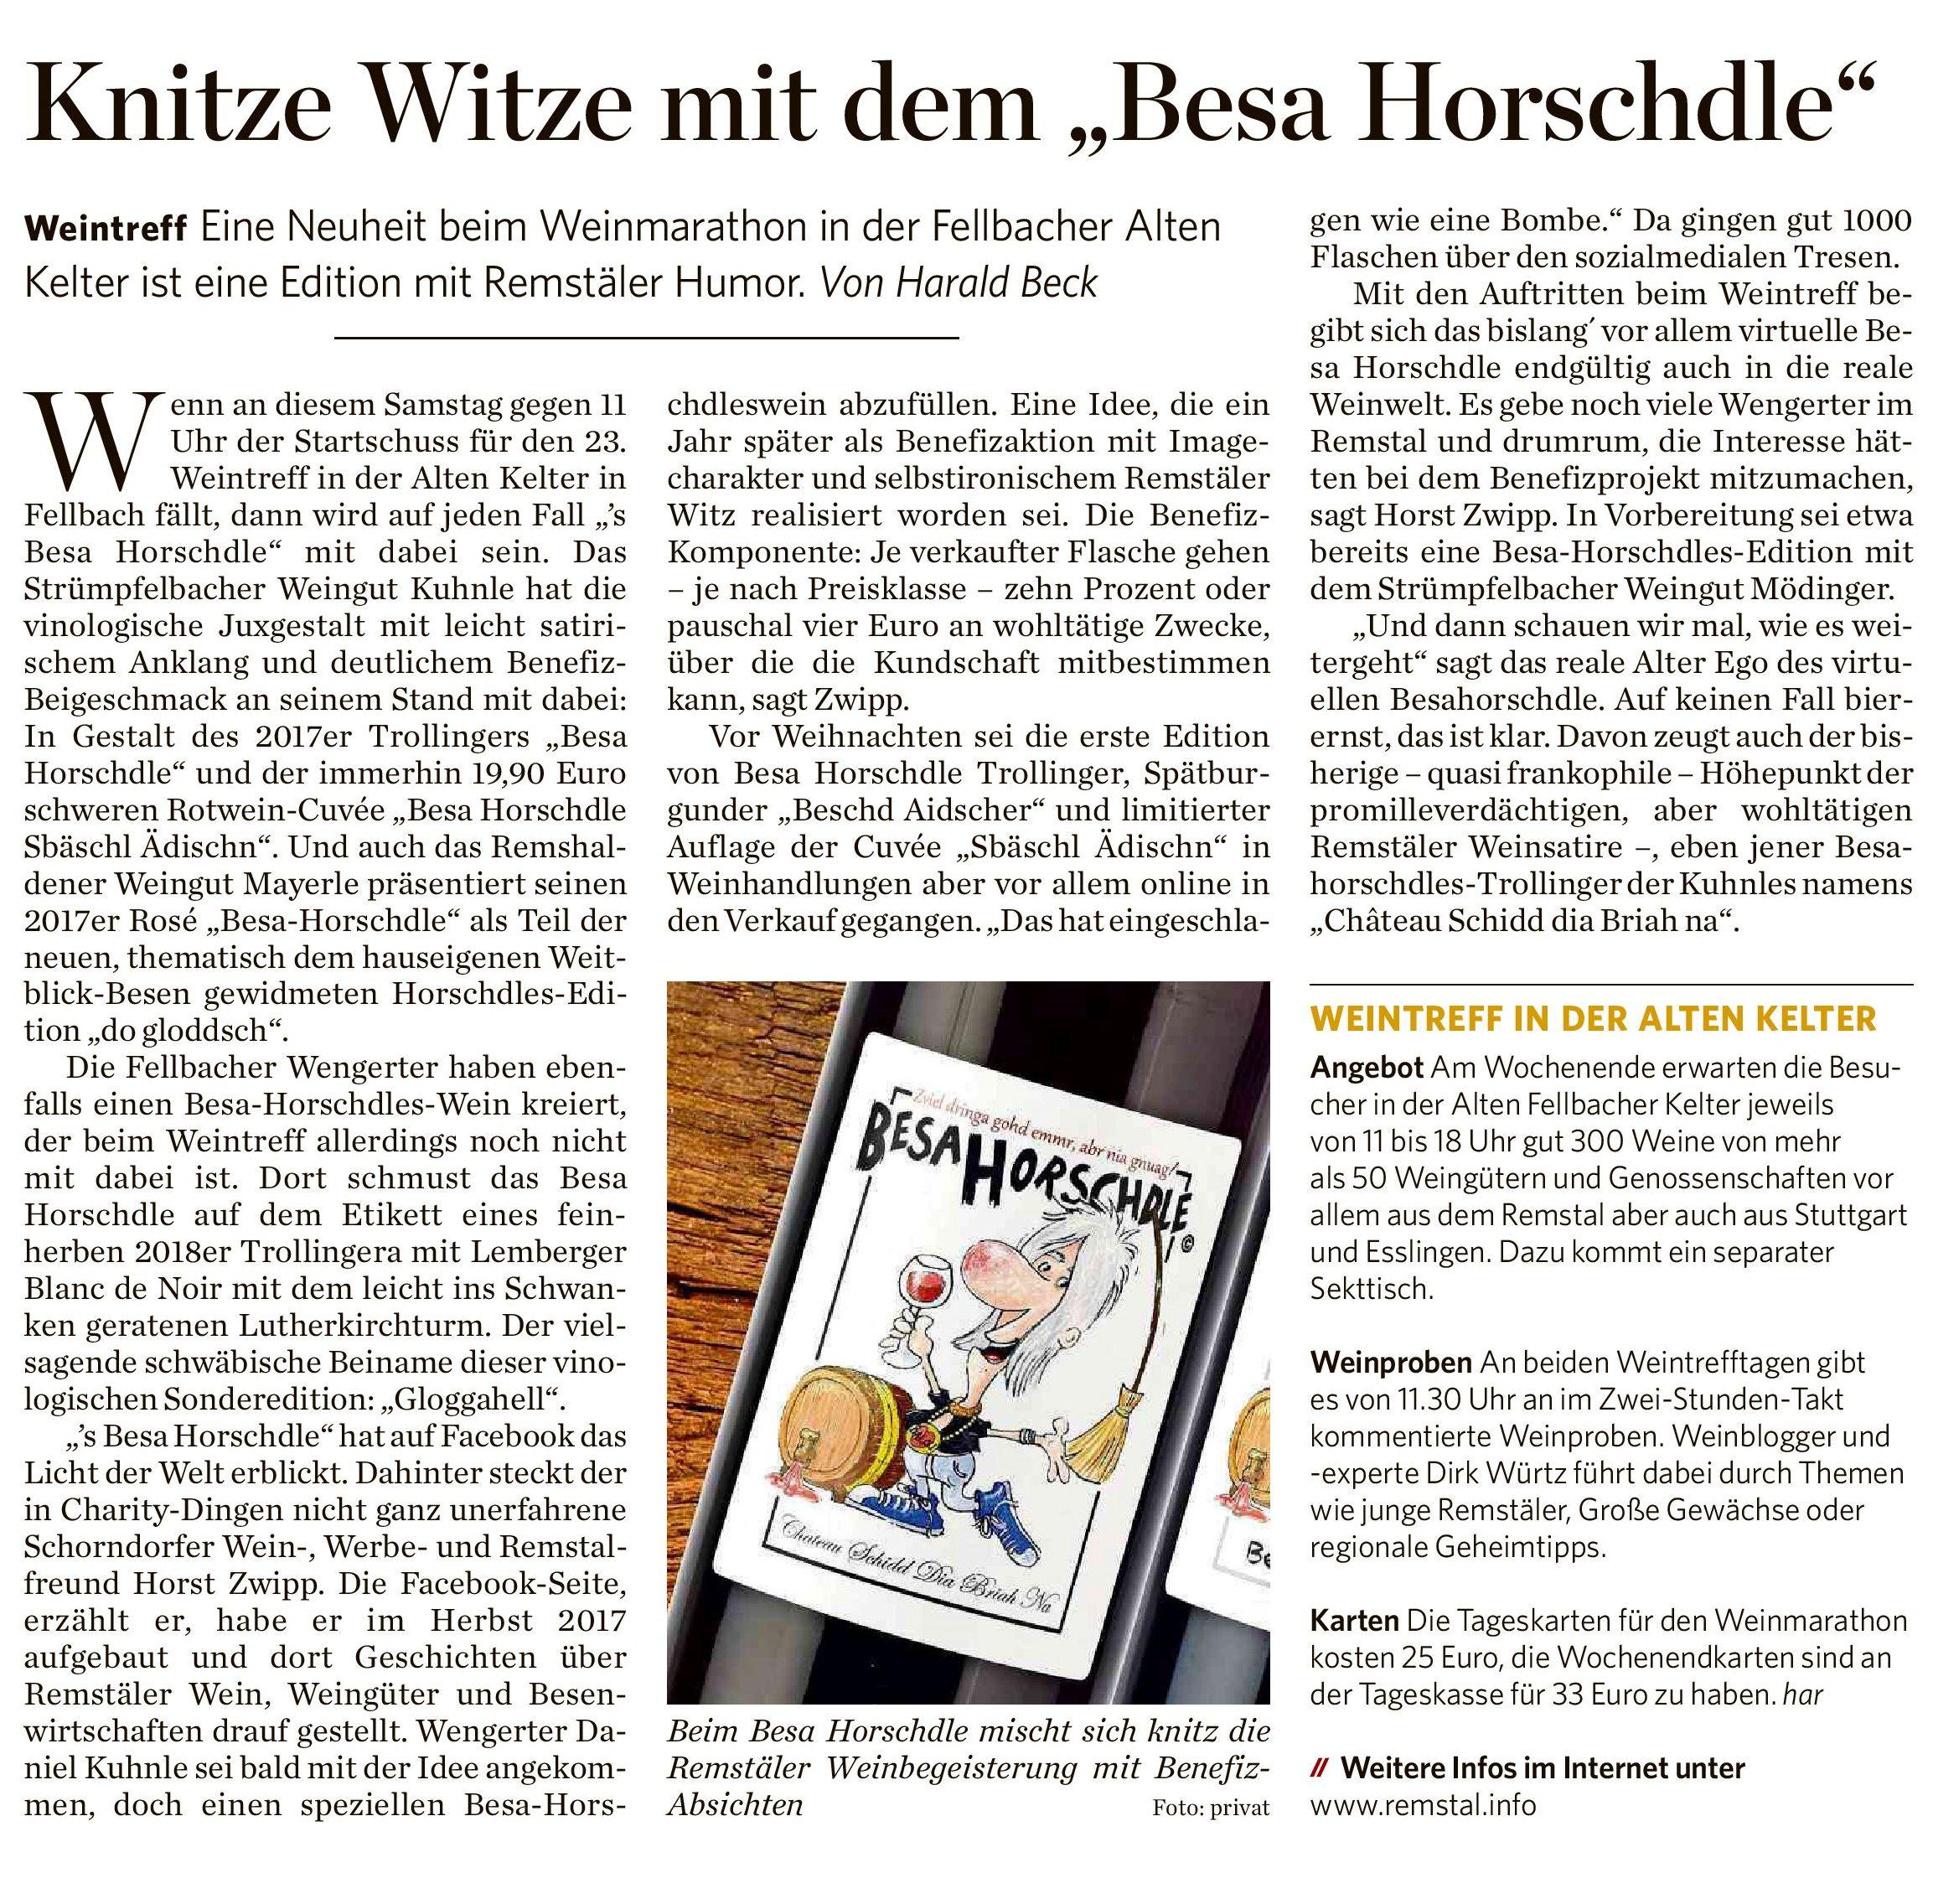 """<?=Knitze Witze mit dem """"Besa Horschdle""""?>"""